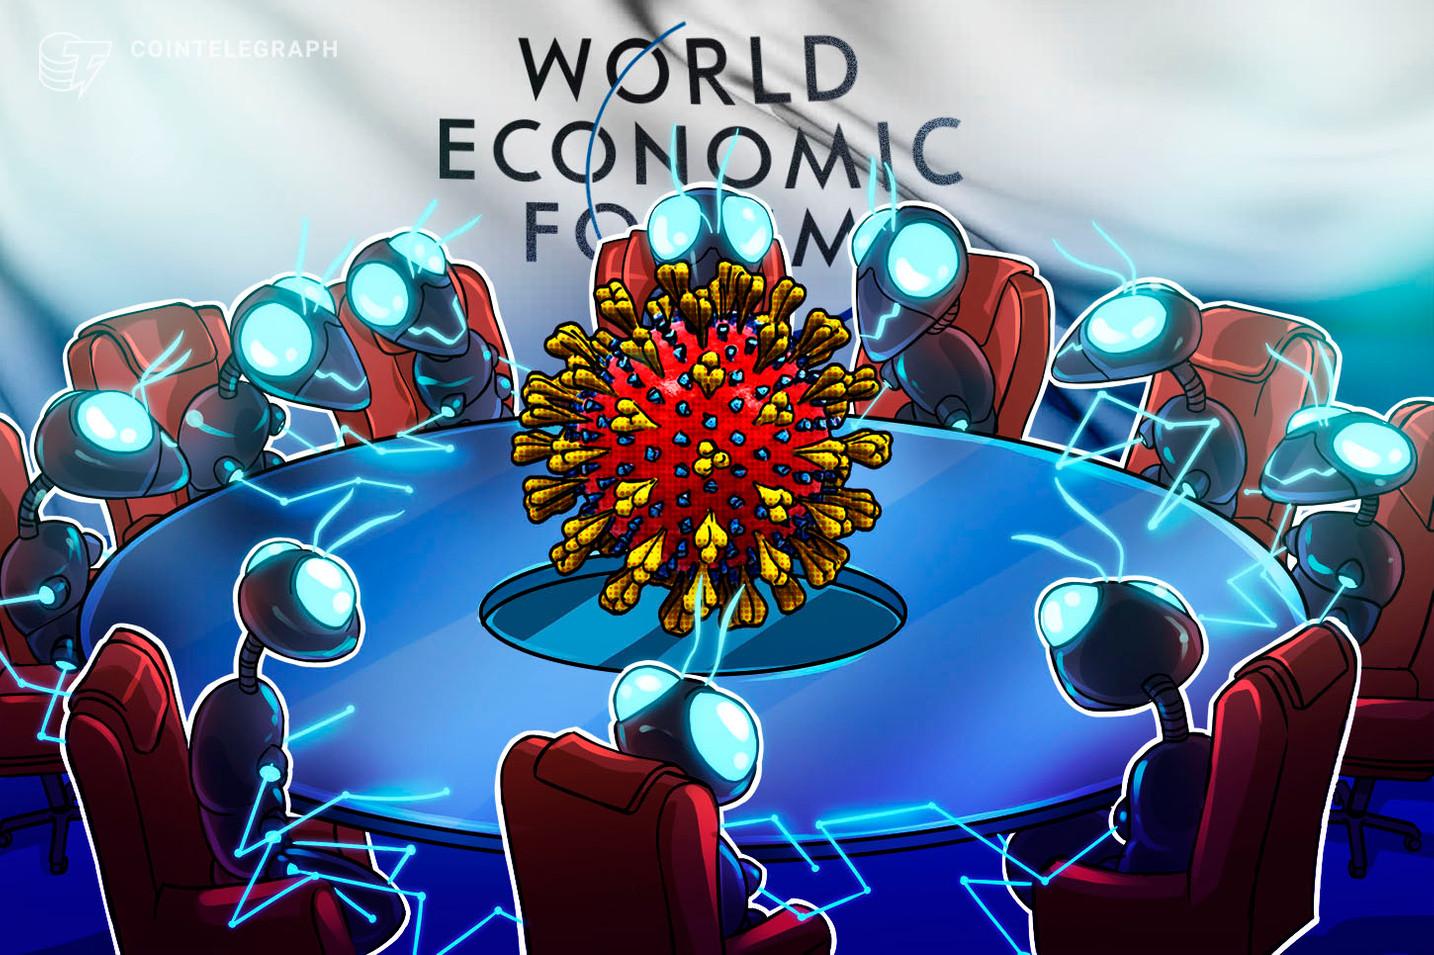 Il WEF propone l'utilizzo della blockchain per accelerare la ripresa economica dopo l'epidemia